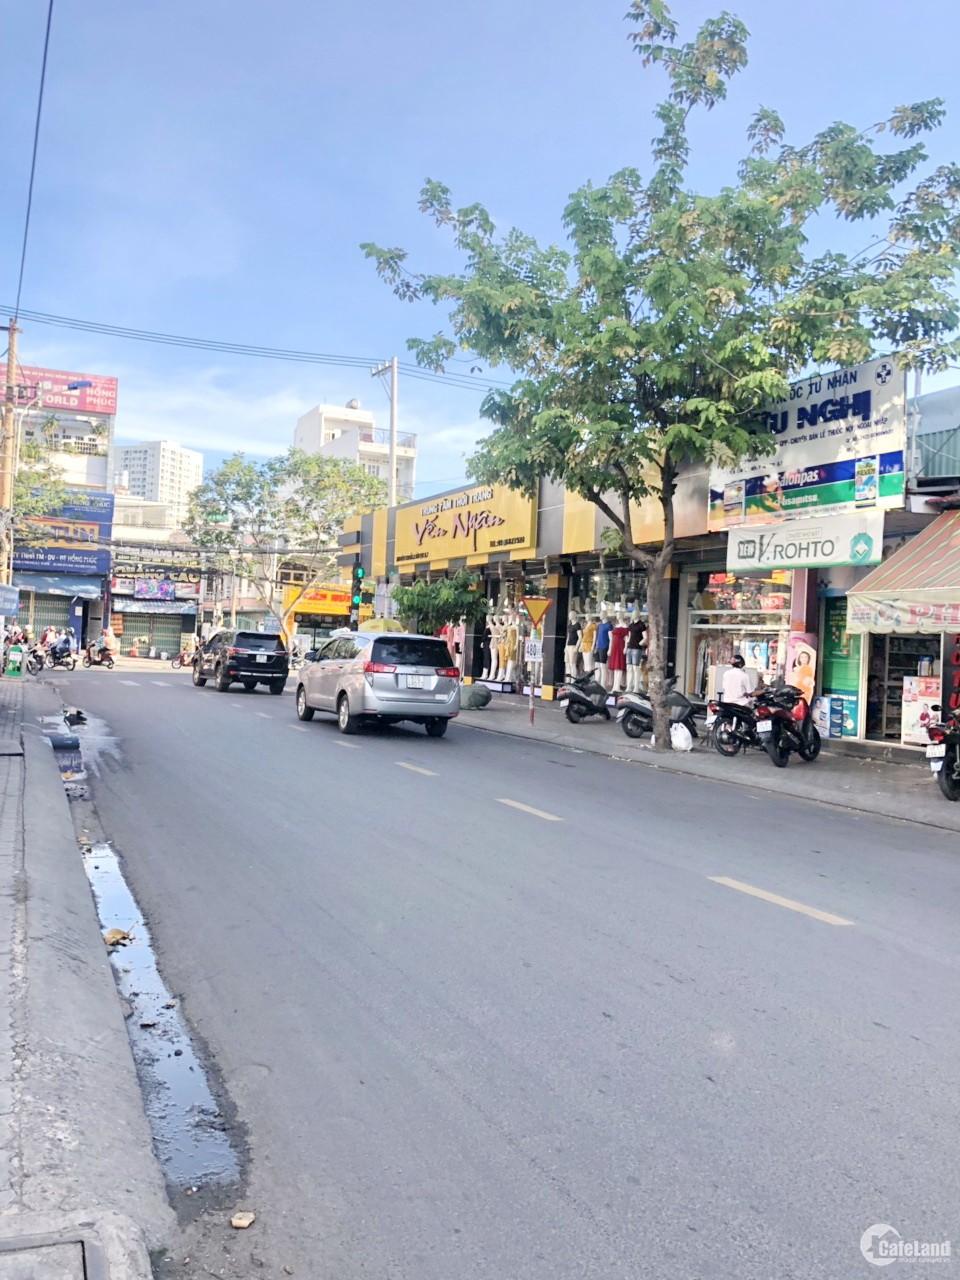 Bán nhà 2 lầu mặt tiền đường Lâm Văn Bền P. Tân Quy Quận 7